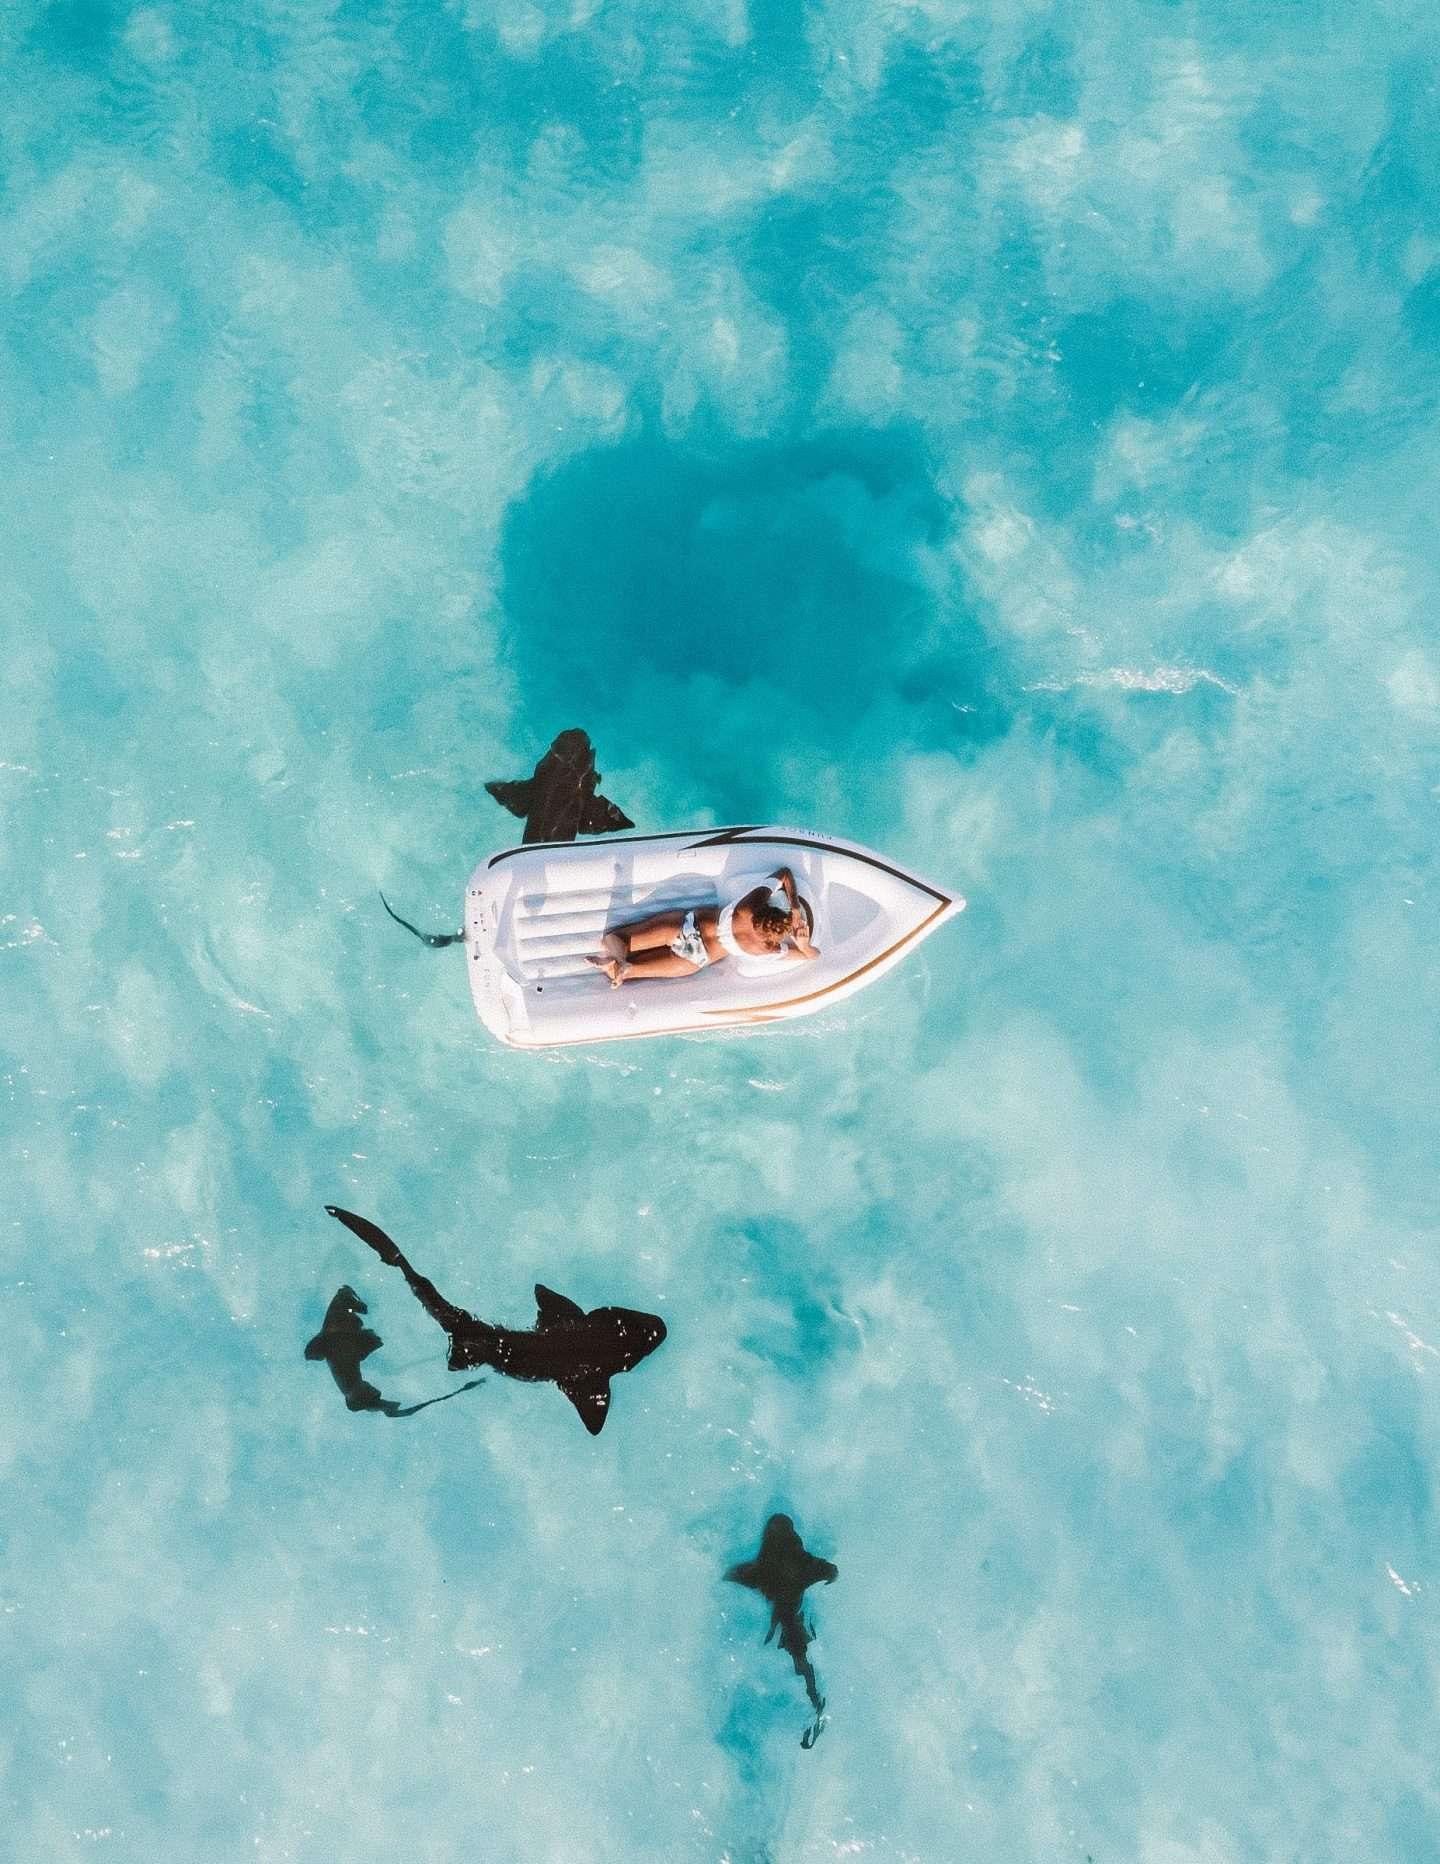 Frau in Boot umringt von Haien im Urlaub